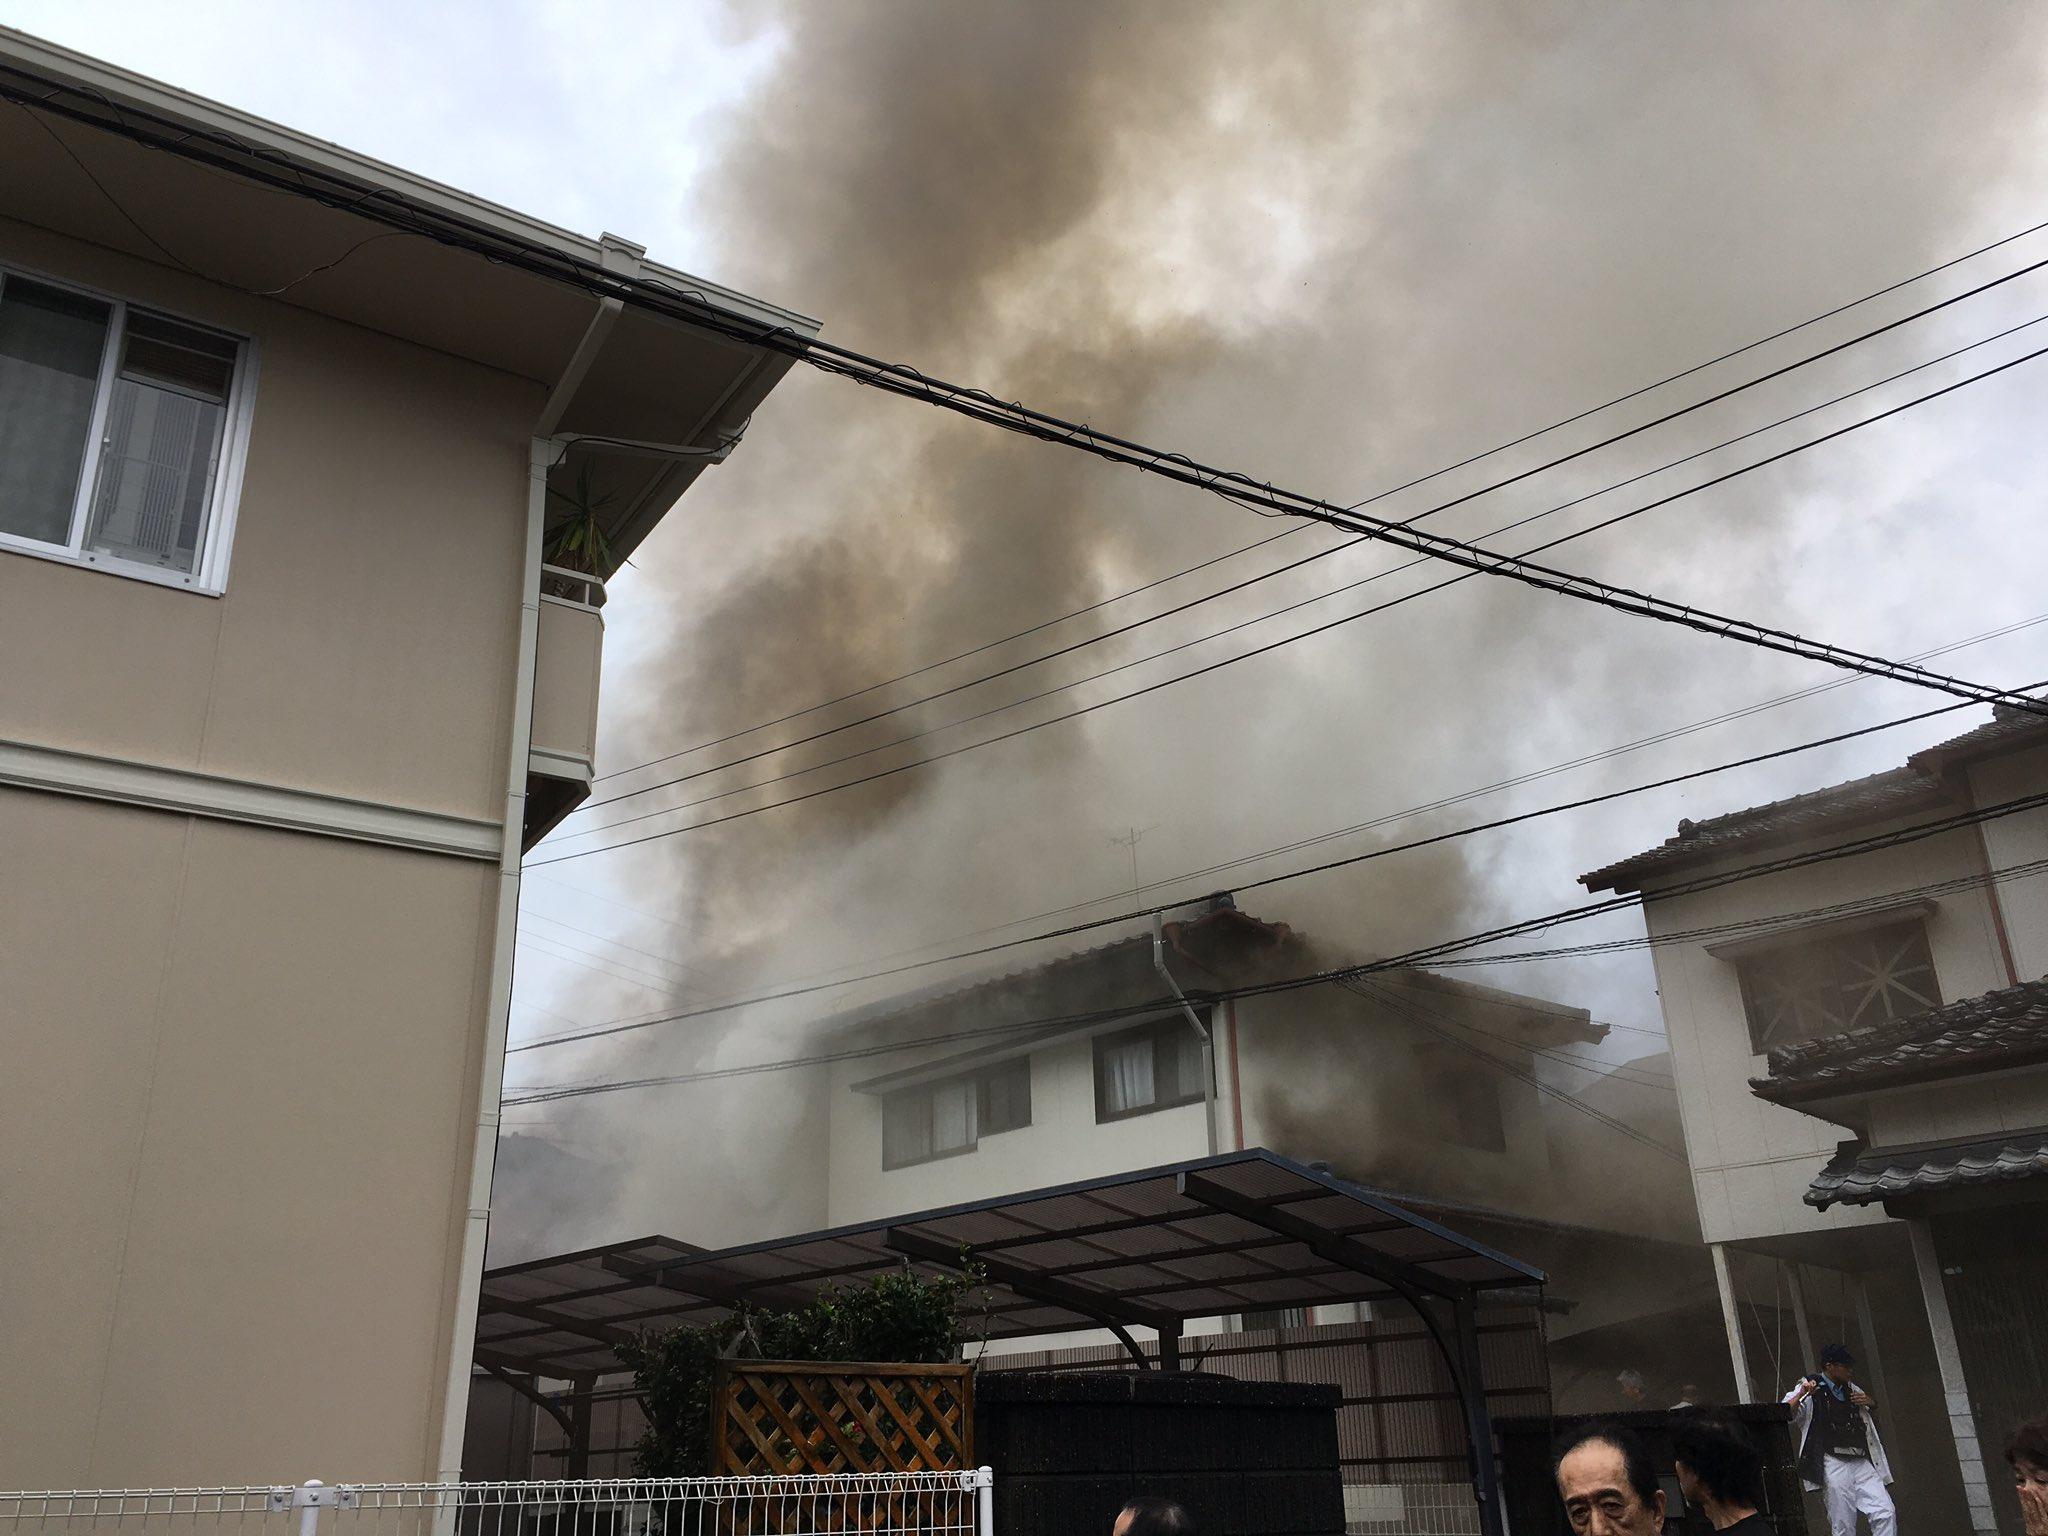 画像,近所で火災が.....野次馬が増えまくったところで鎮火しつつある https://t.co/gCDE2BHzvA。